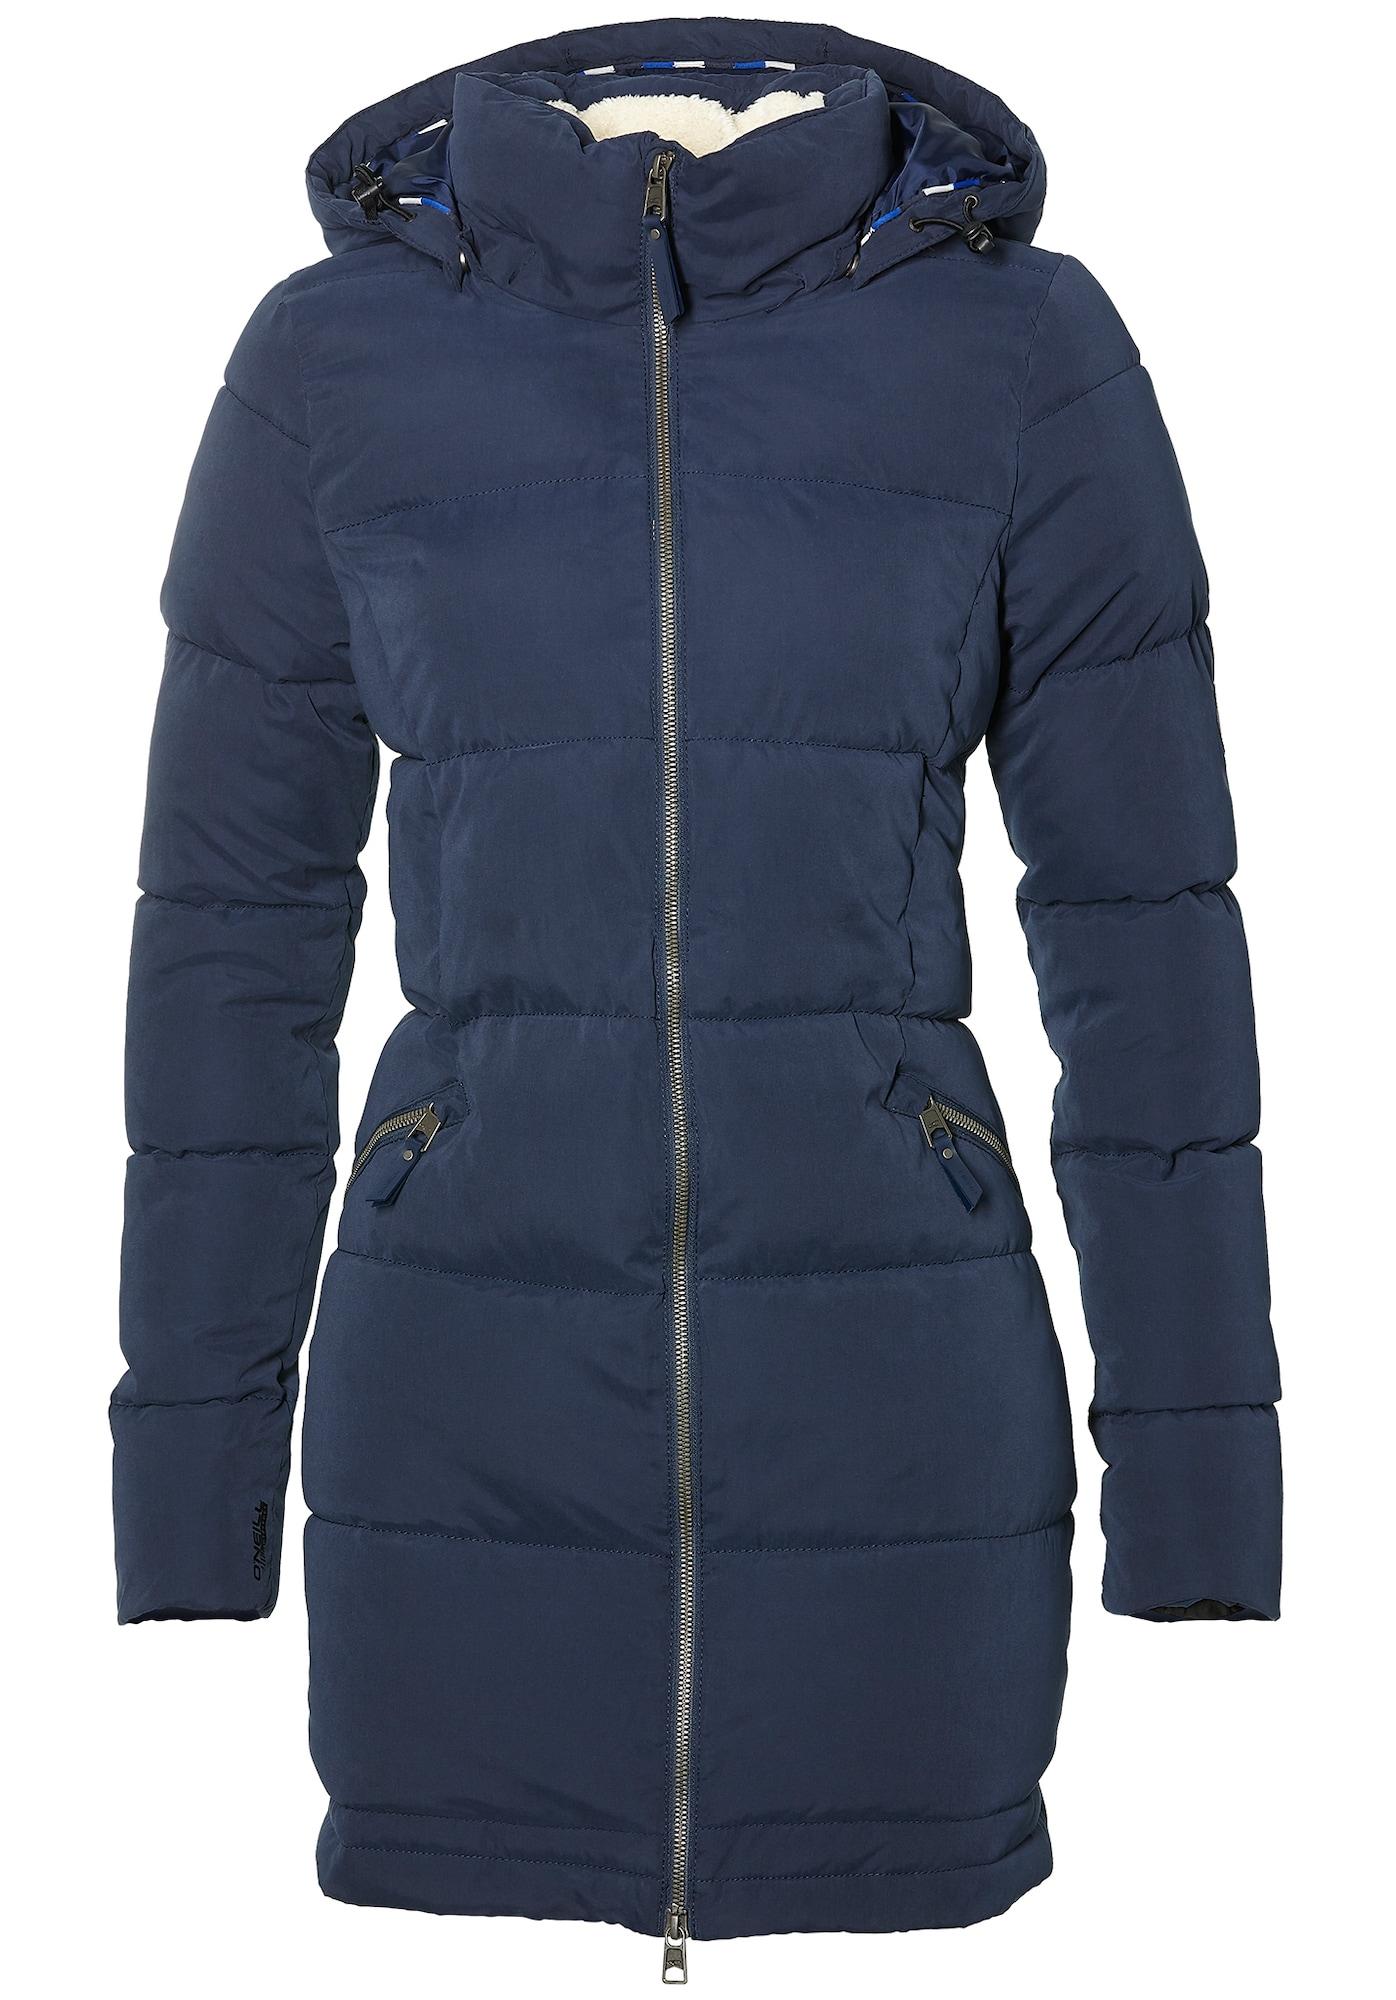 O'NEILL Striukė-paltas 'Control' tamsiai mėlyna jūros spalva